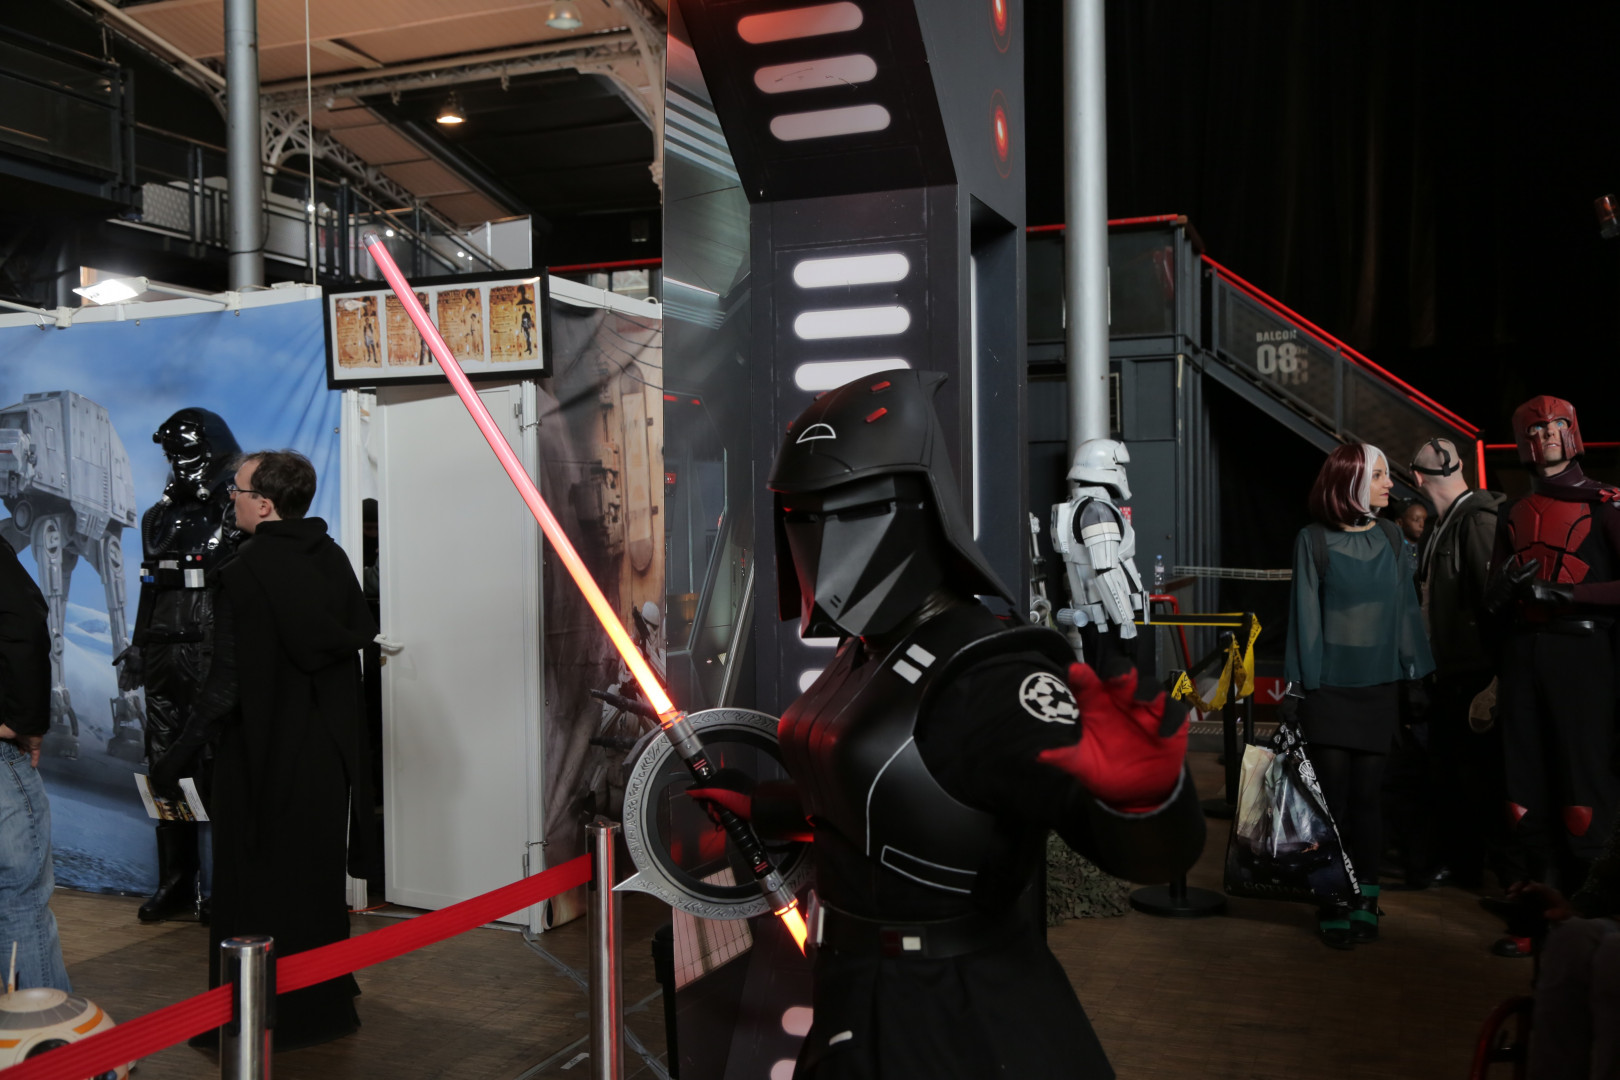 L'univers Star Wars est aussi présent grâce à la Garnison 501